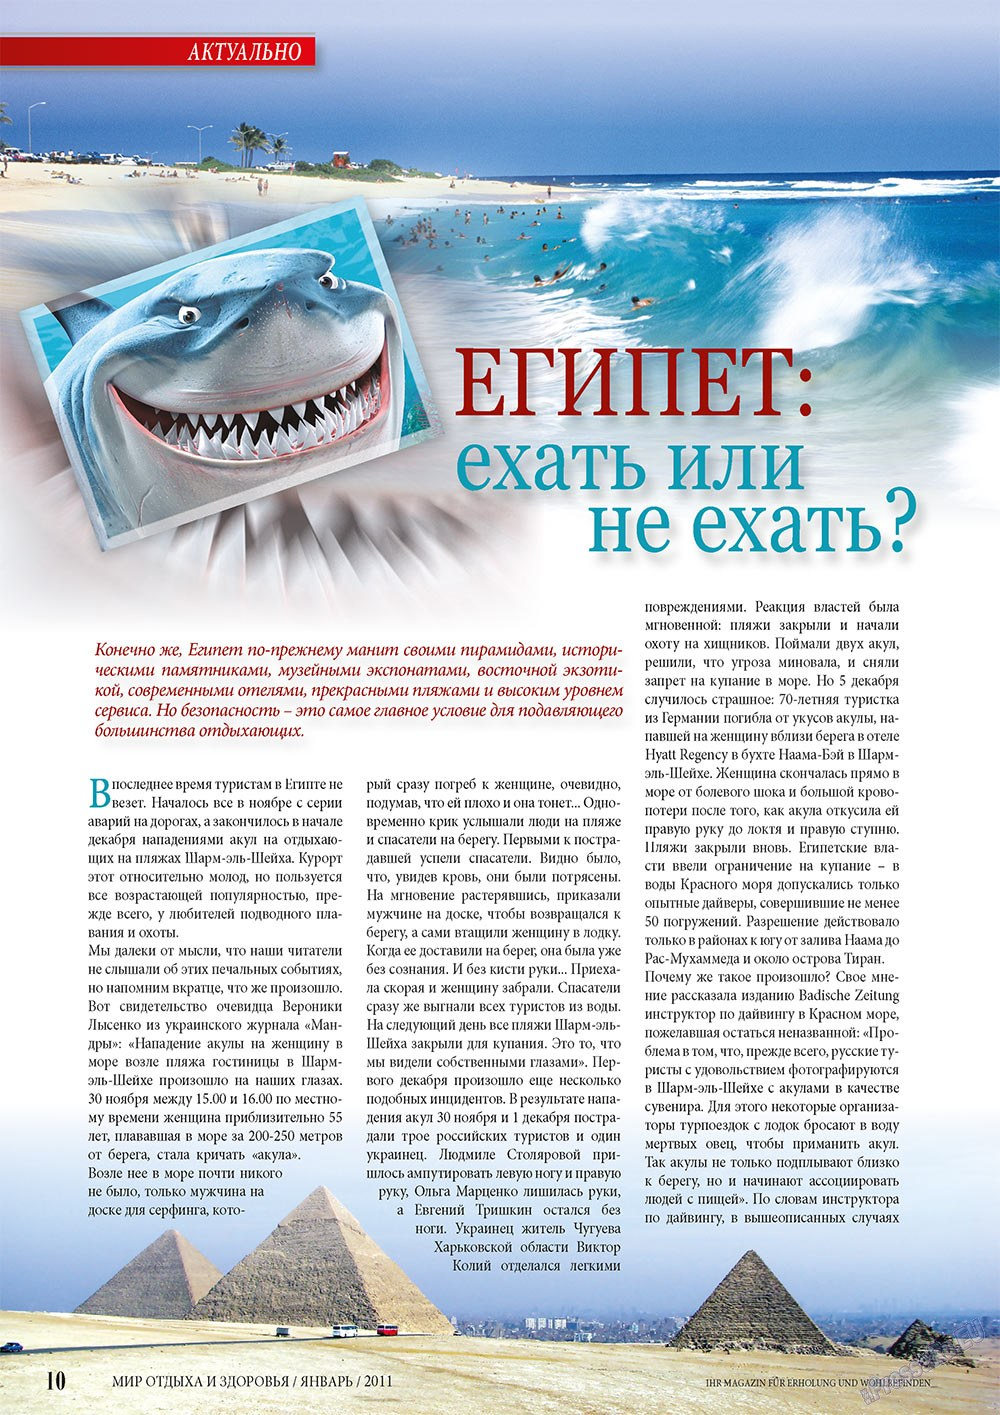 Мир отдыха и здоровья (журнал). 2011 год, номер 1, стр. 10